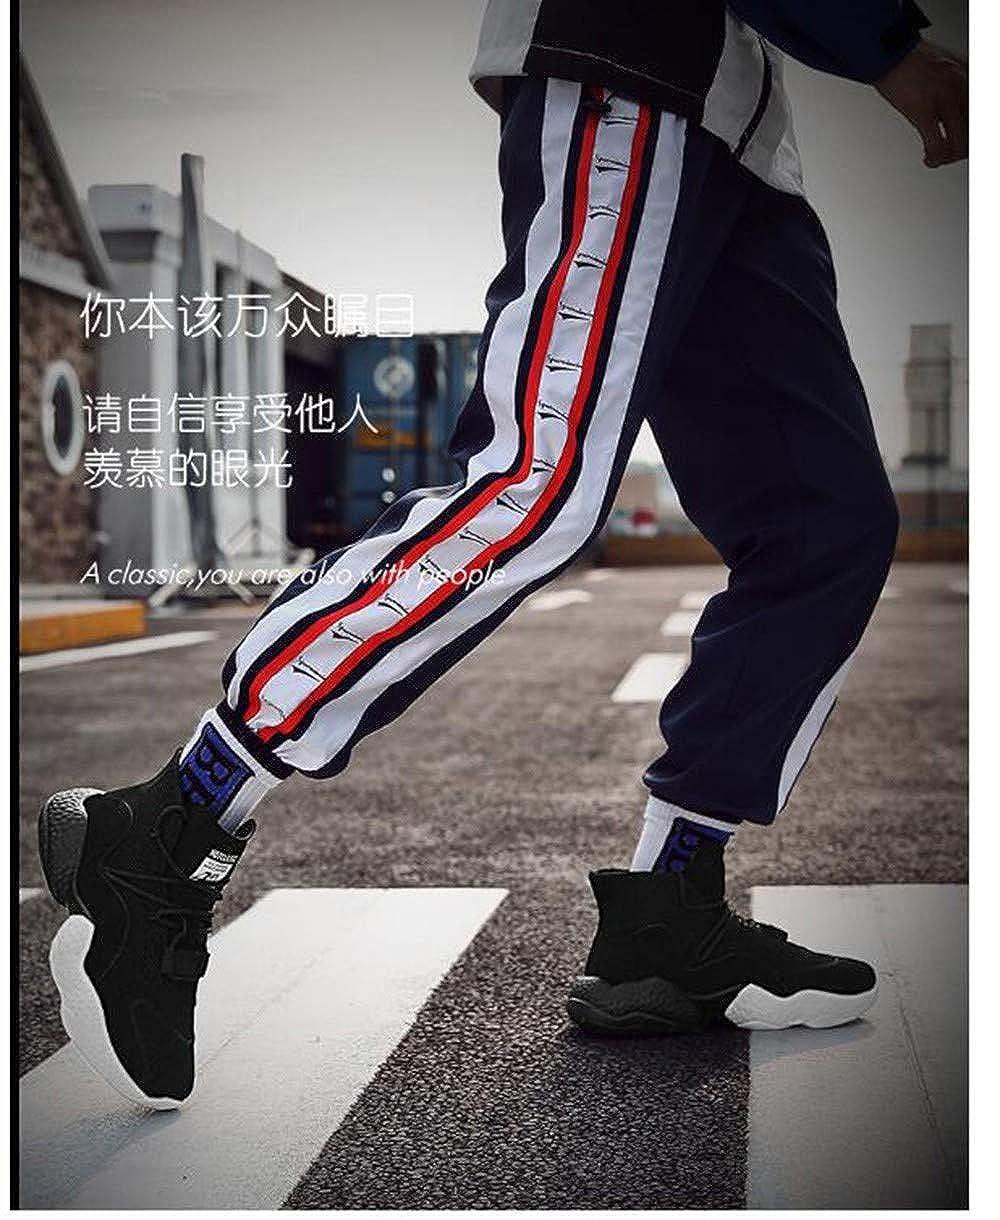 IDNG Zapatillas Baloncesto Zapatillas De De De Baloncesto De Hombre para Hombre Zapatillas De Deporte Deportivas para Hombre ad16d7